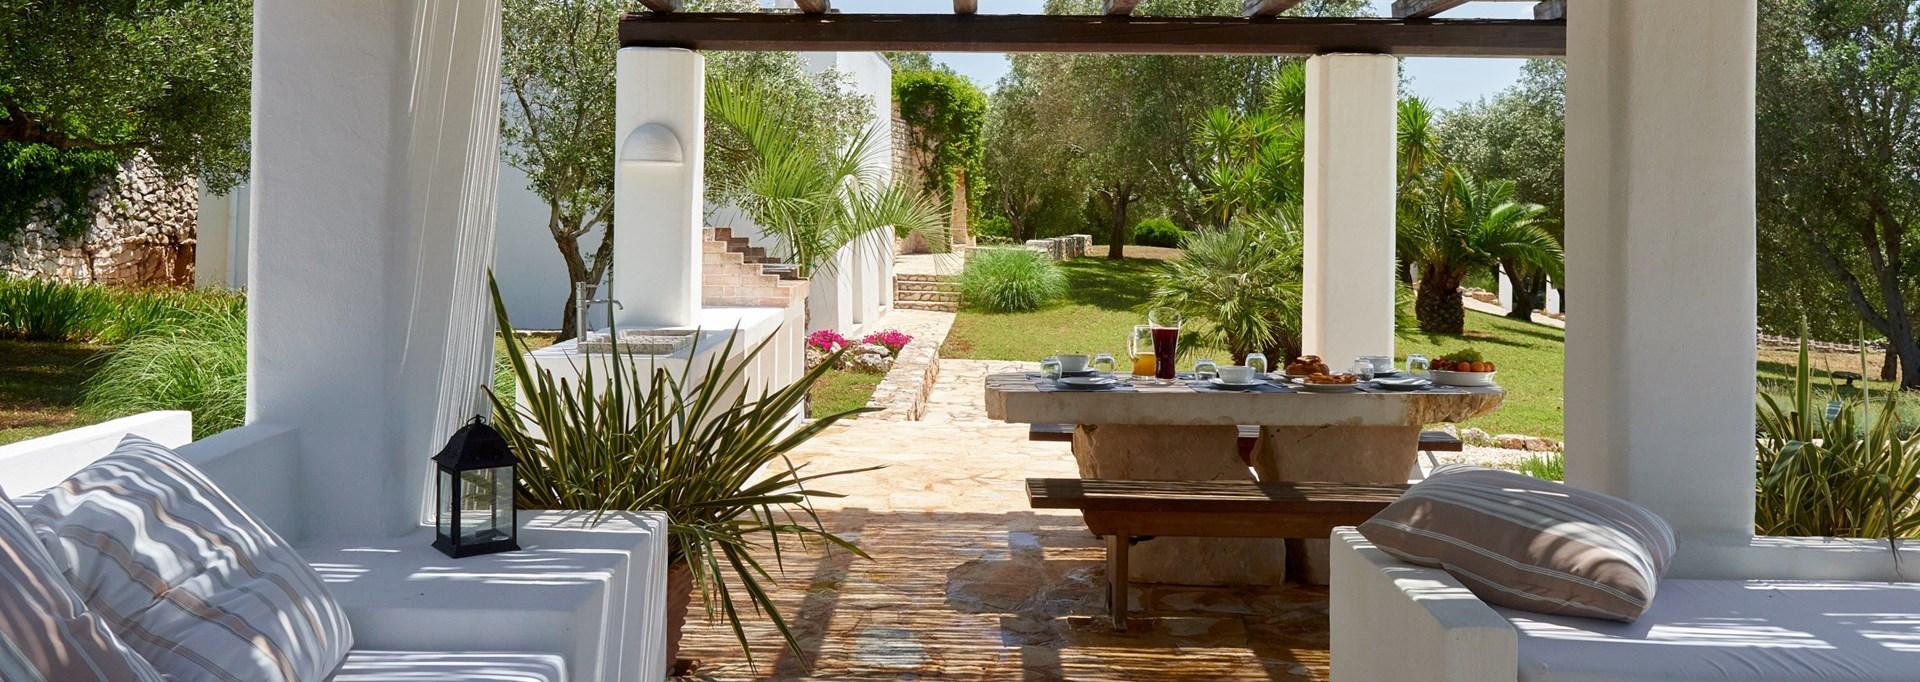 la-moresca-breakfast-terrace